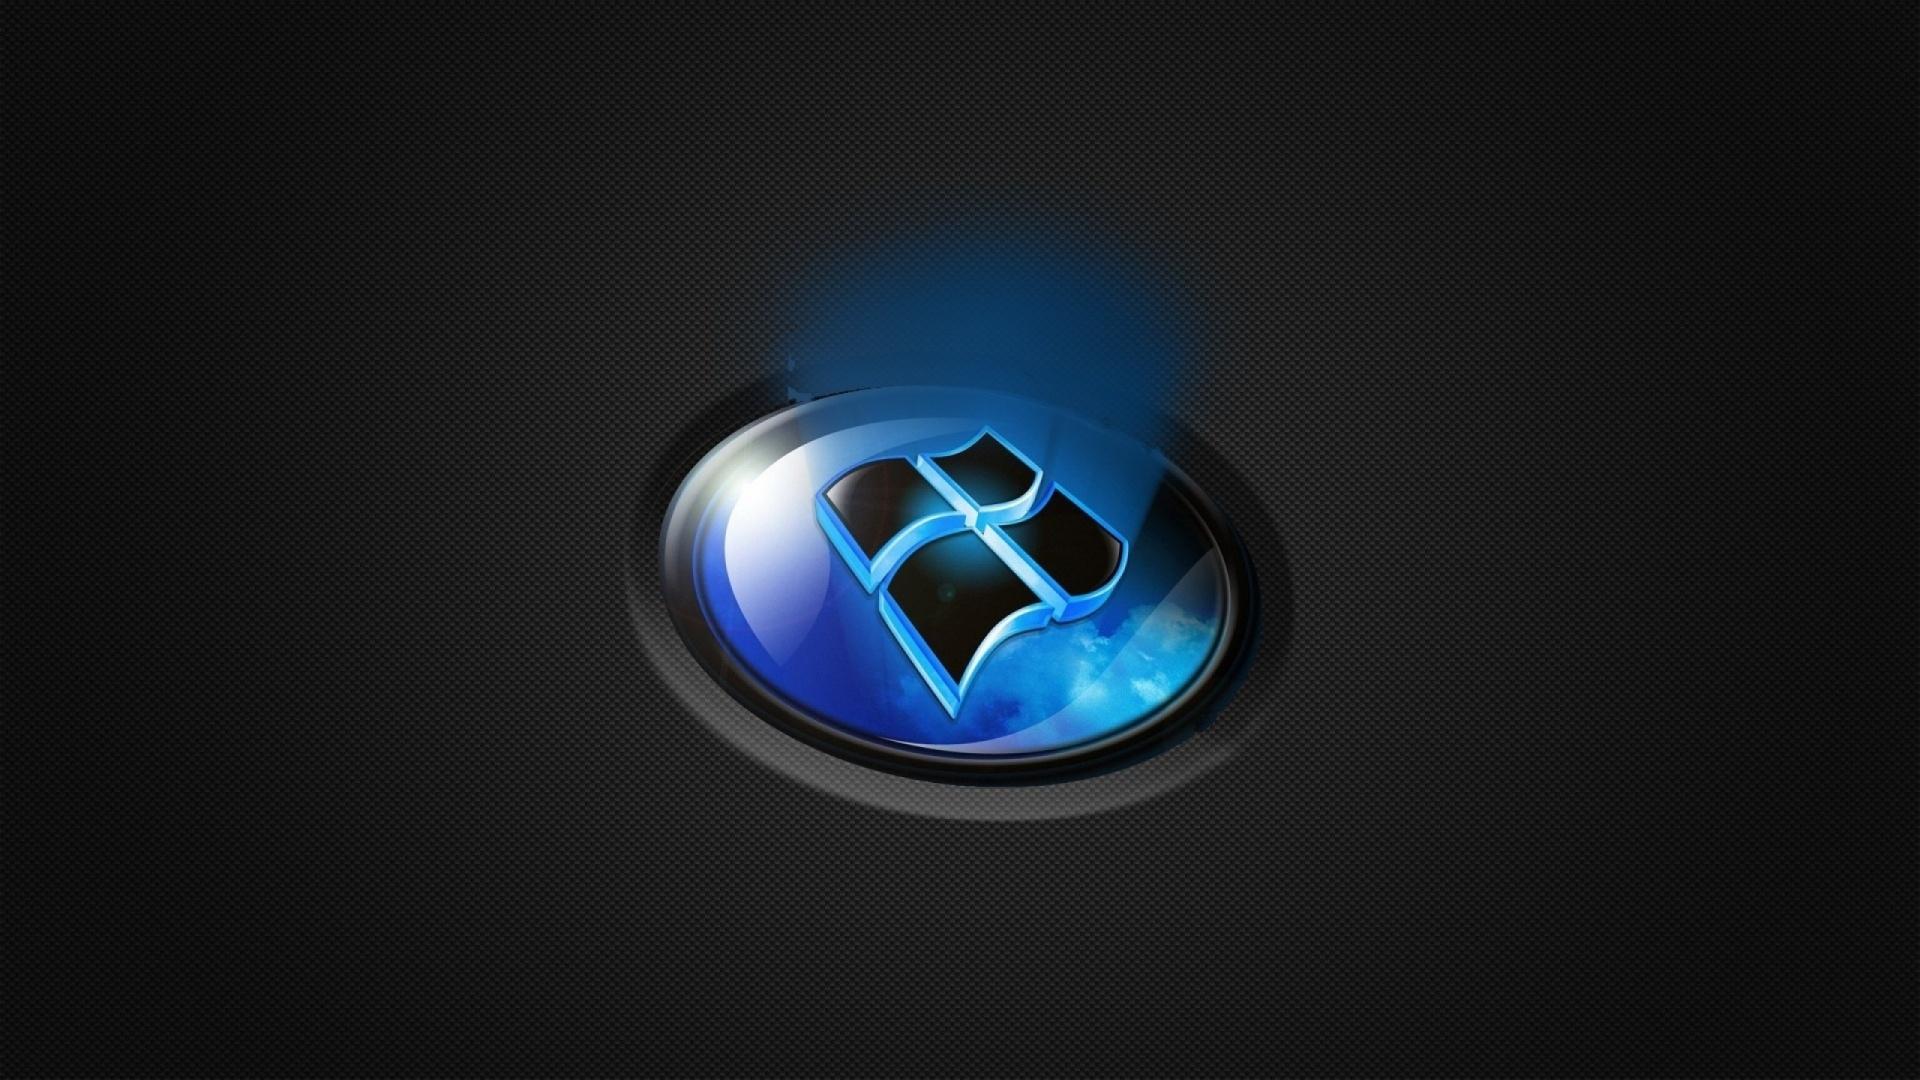 Full Hd Windows 8 Wallpaper 1920x1080 Windows 81 Blue Wallpaper HD 1920x1080